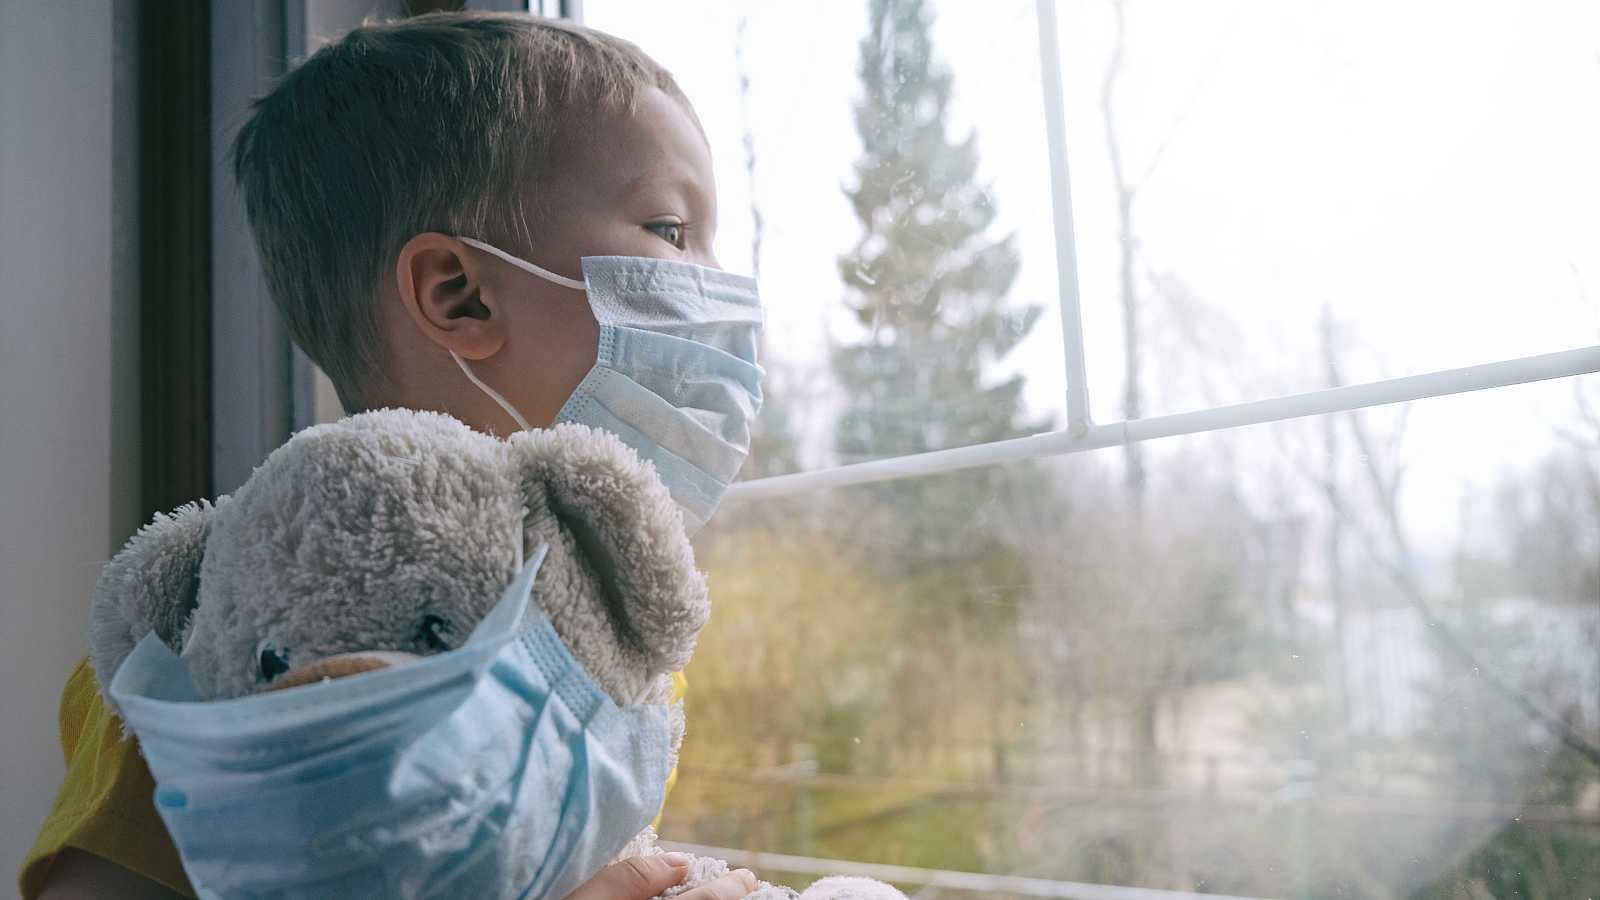 Mamás y papás - Covid19: infancia y juventud tras un año de pandemia - 14/03/21 - Escuchar ahora